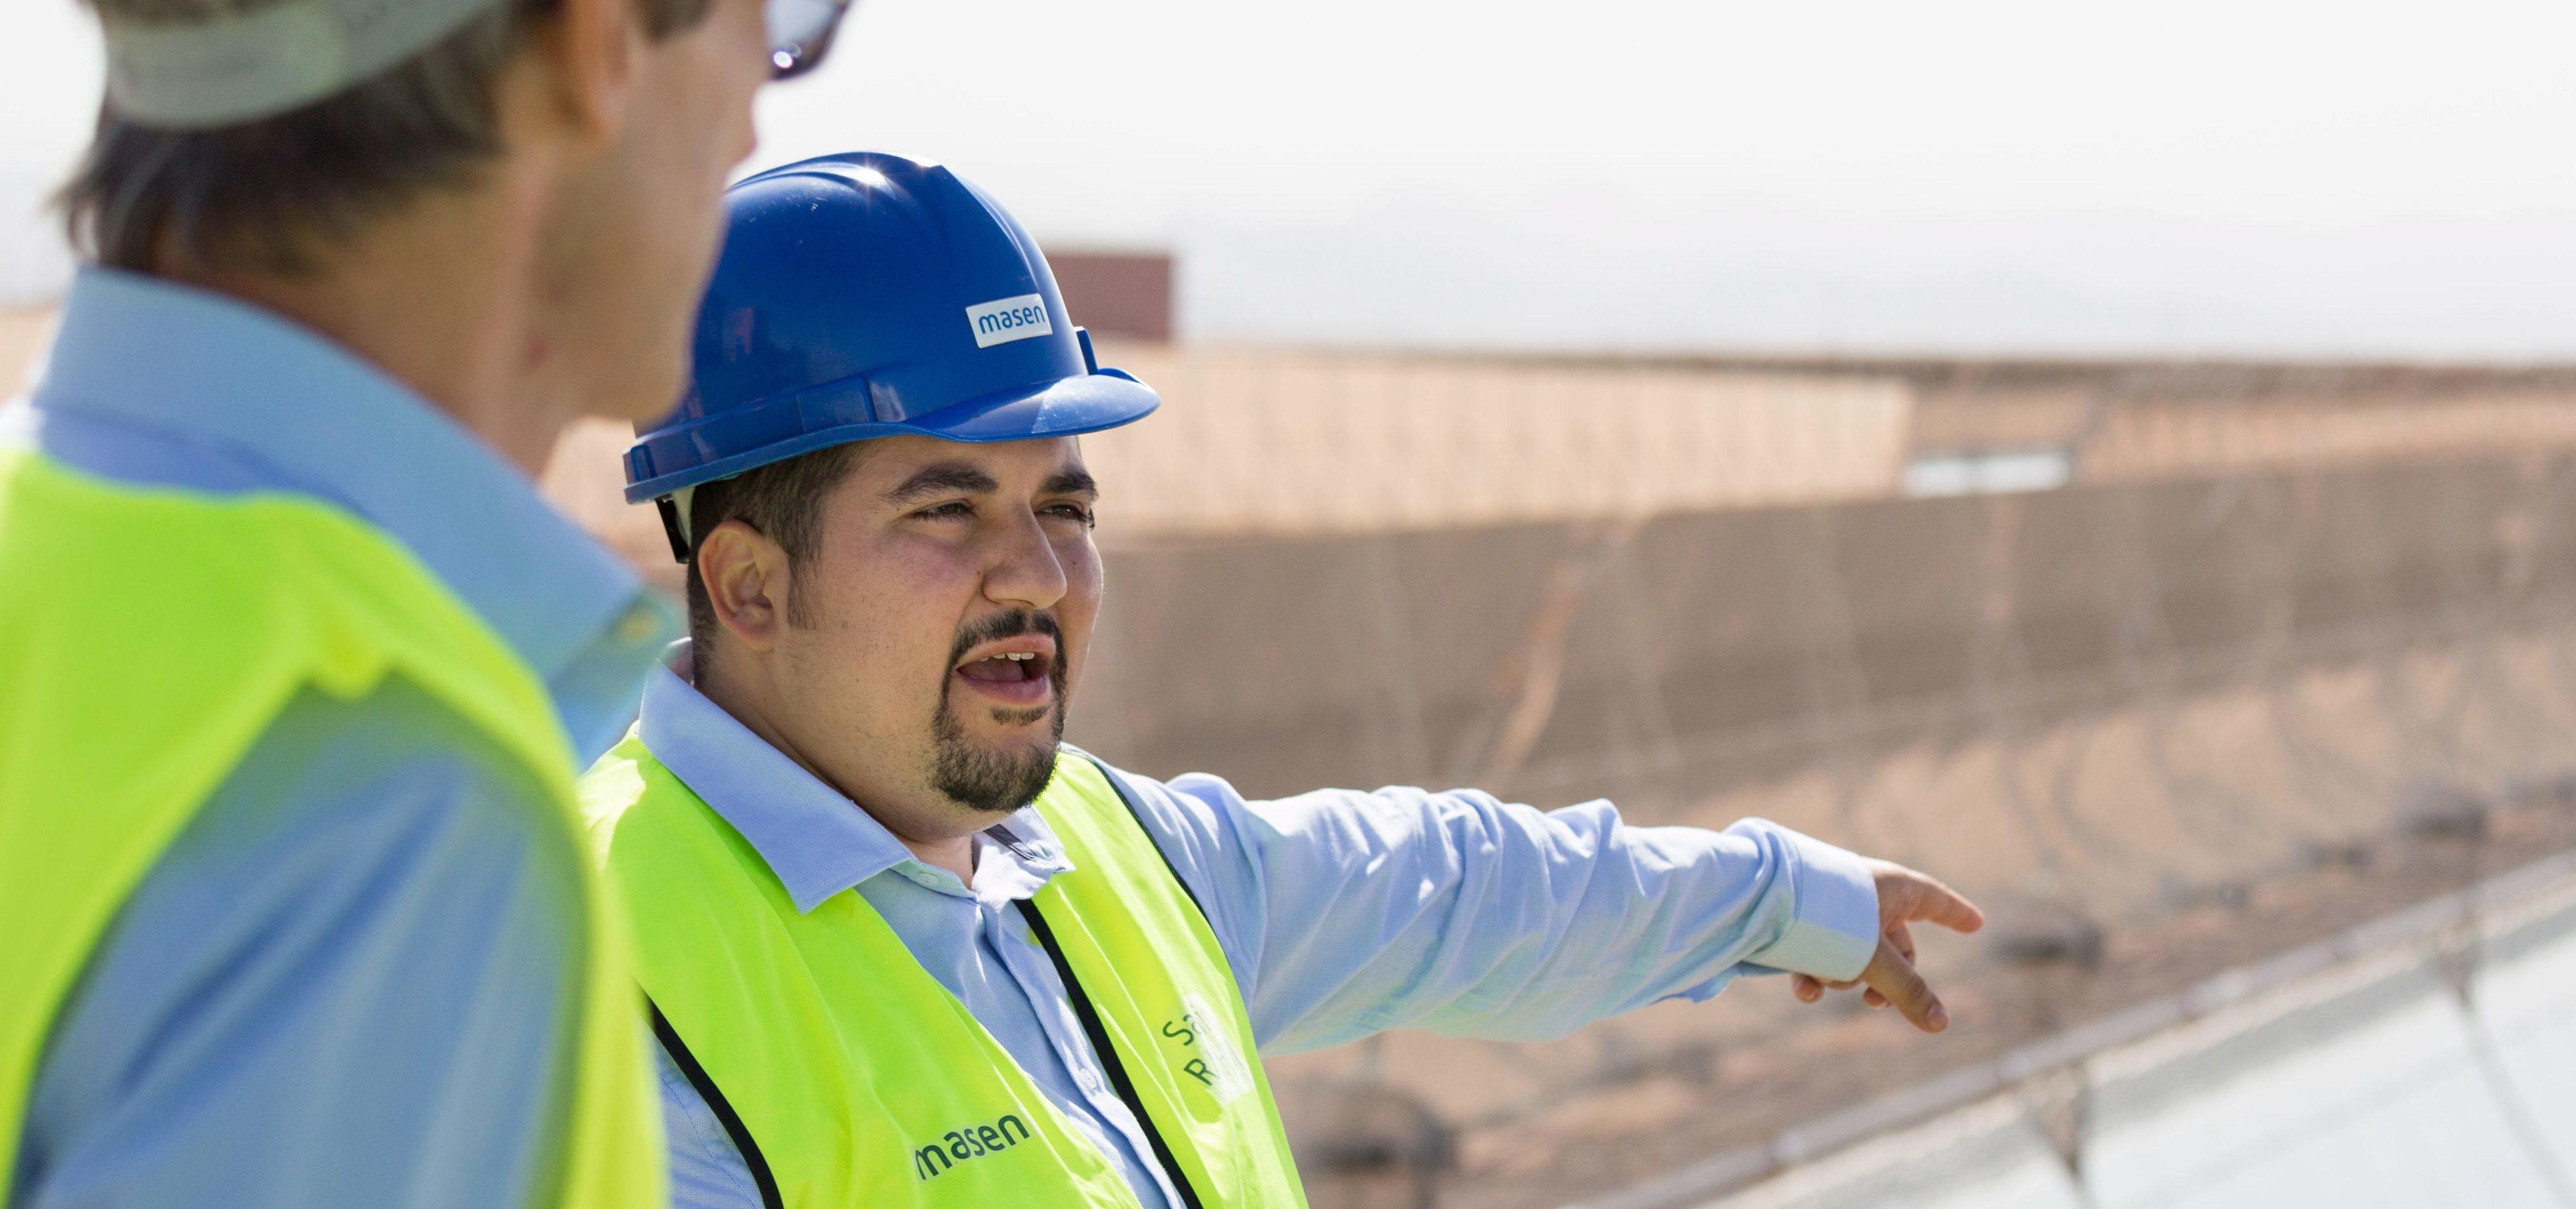 Bauarbeiter auf Baustelle in Marokko